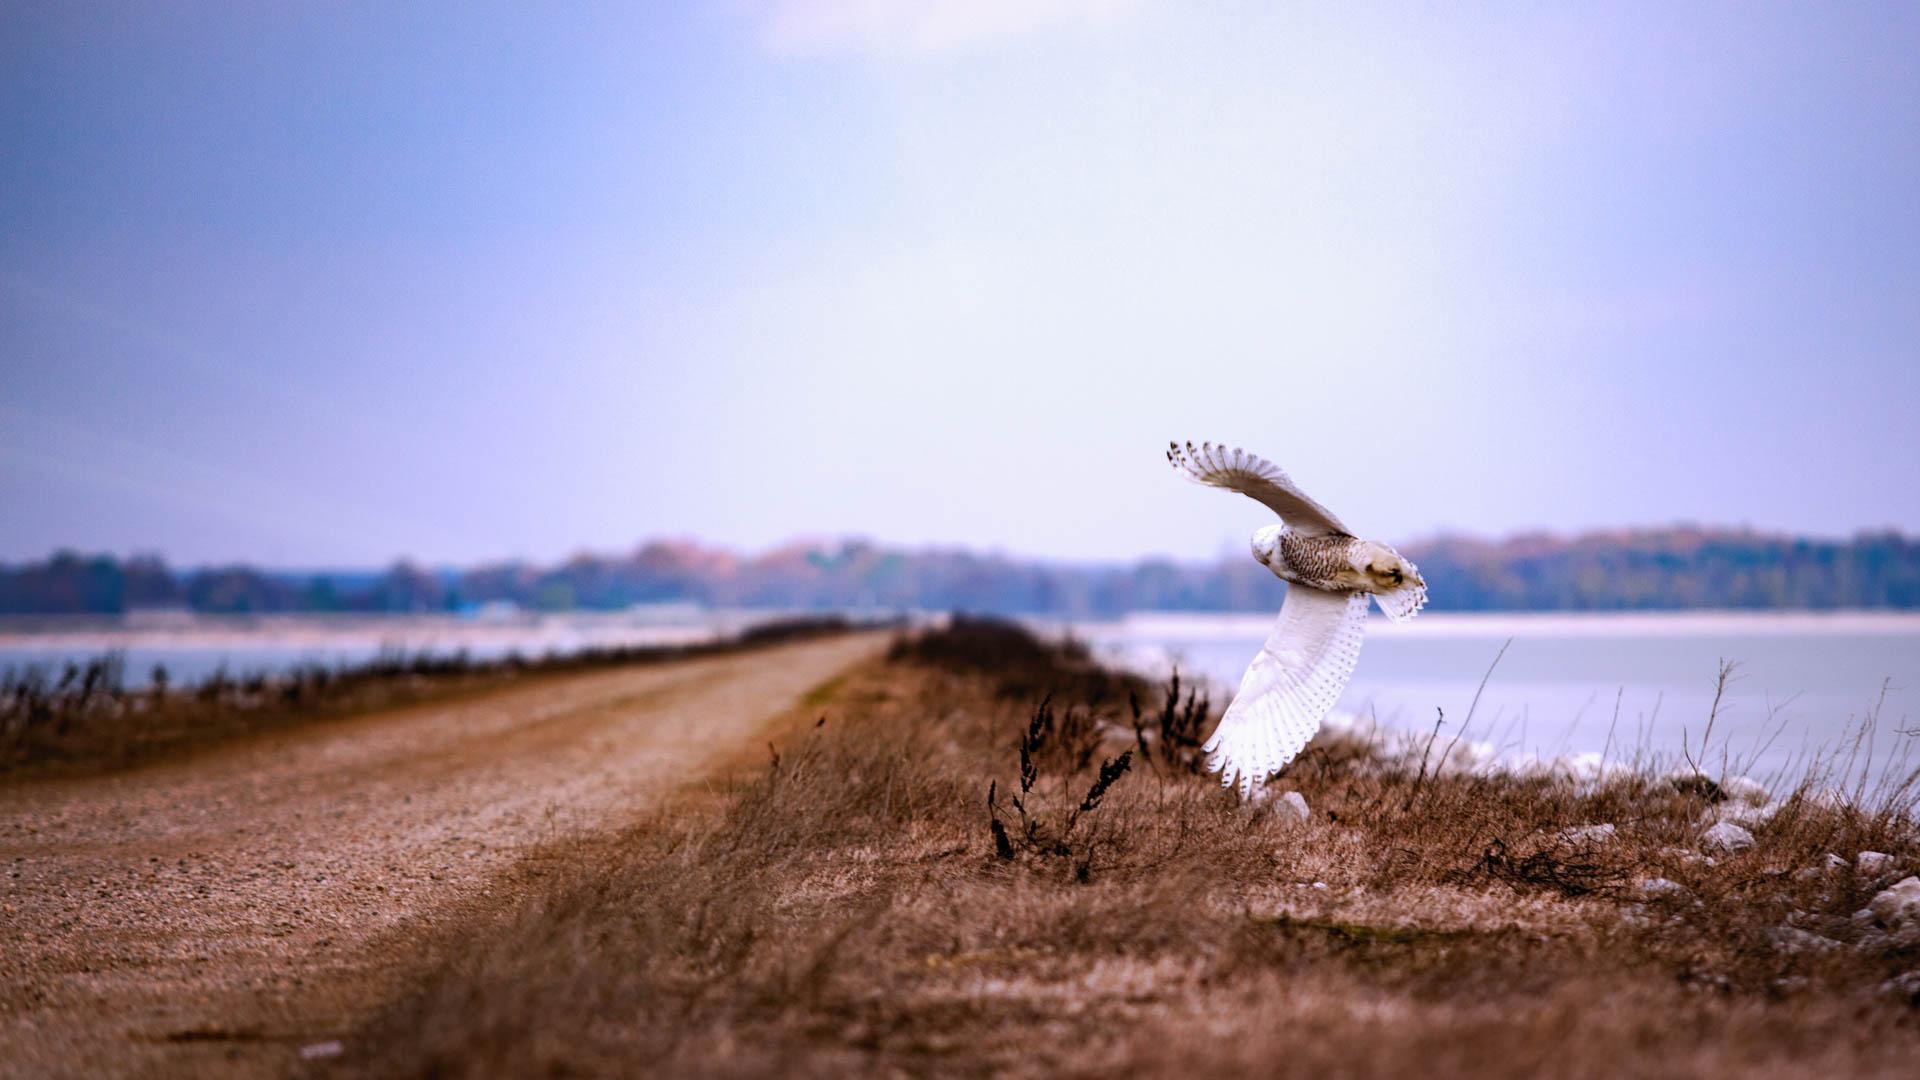 Cathy Seaver Snowy Owl IMG_0210-Edit-Exposure-Edit